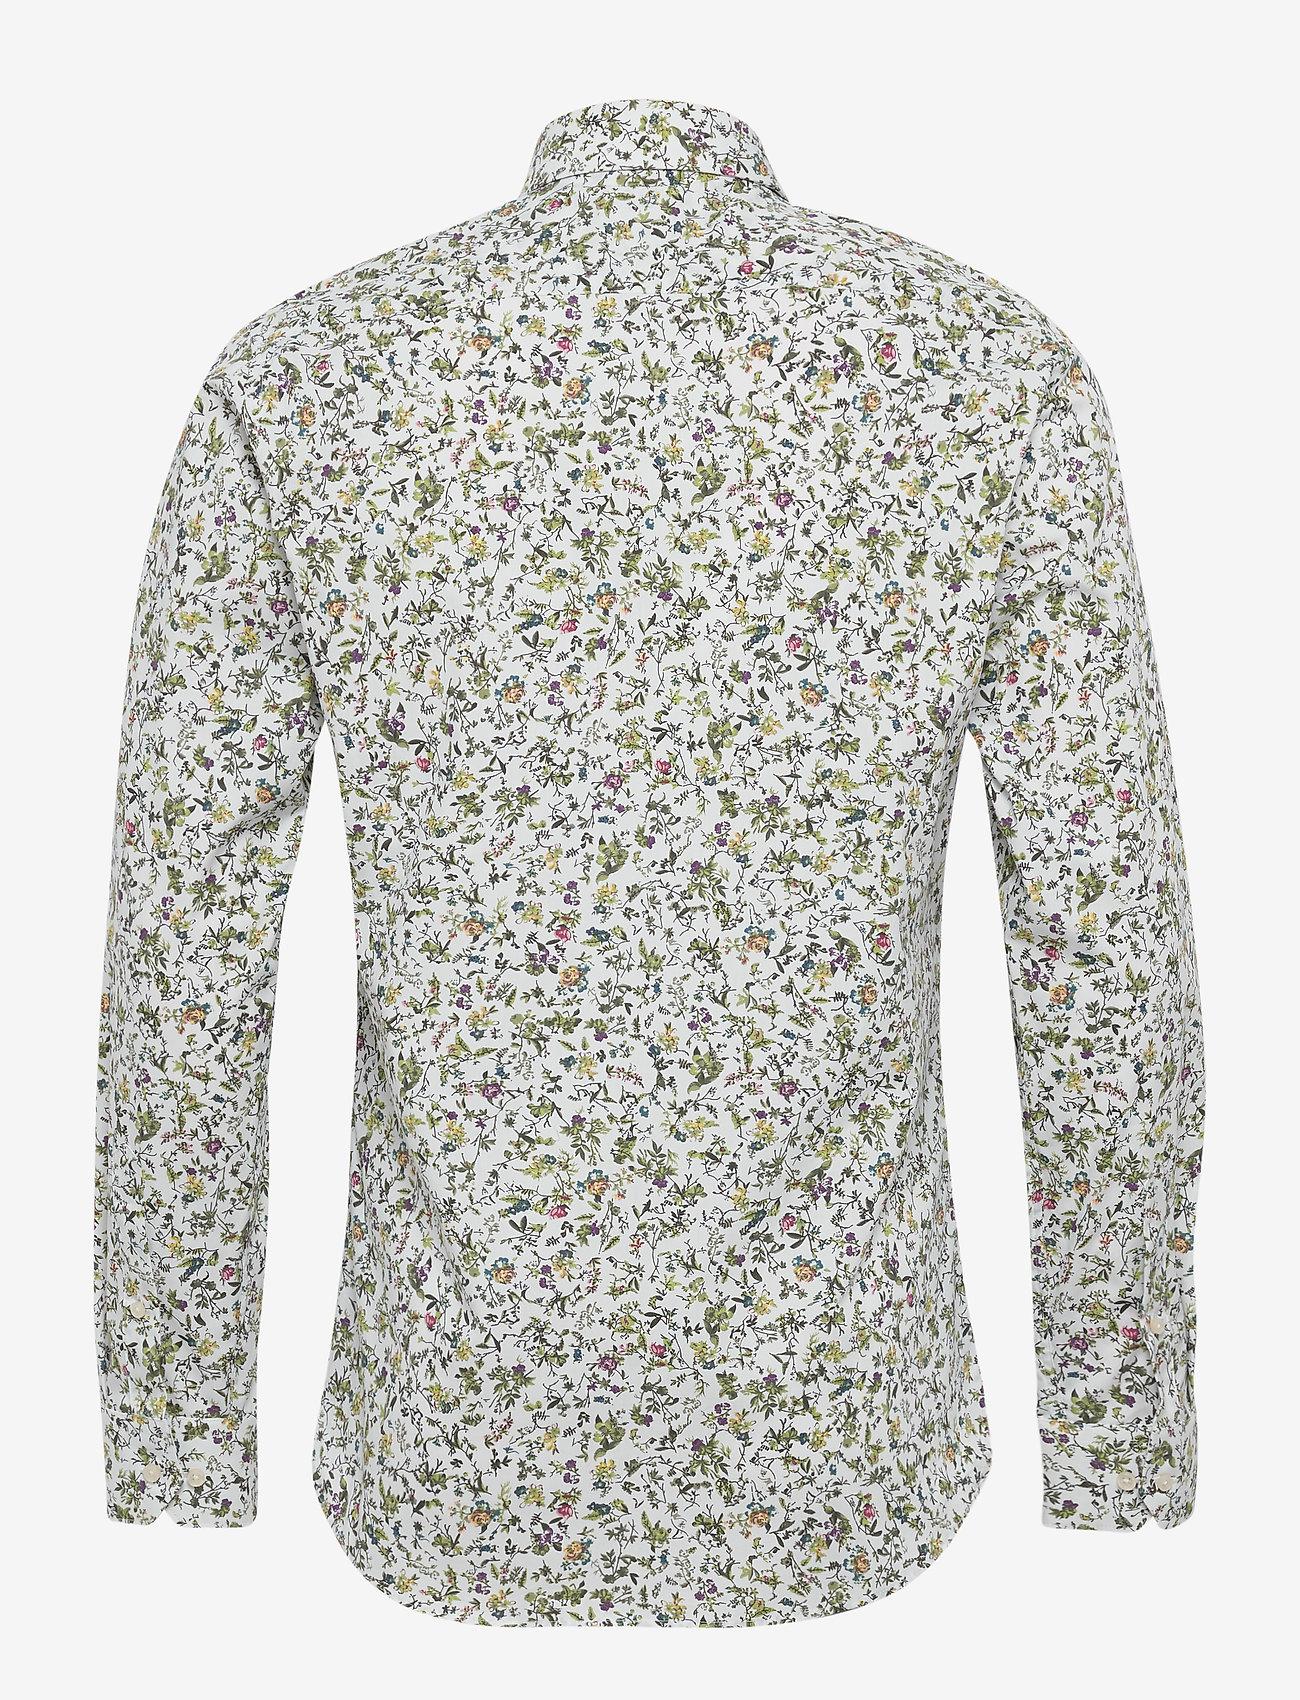 Blossom (White) - Seven Seas Copenhagen jQOHHJ